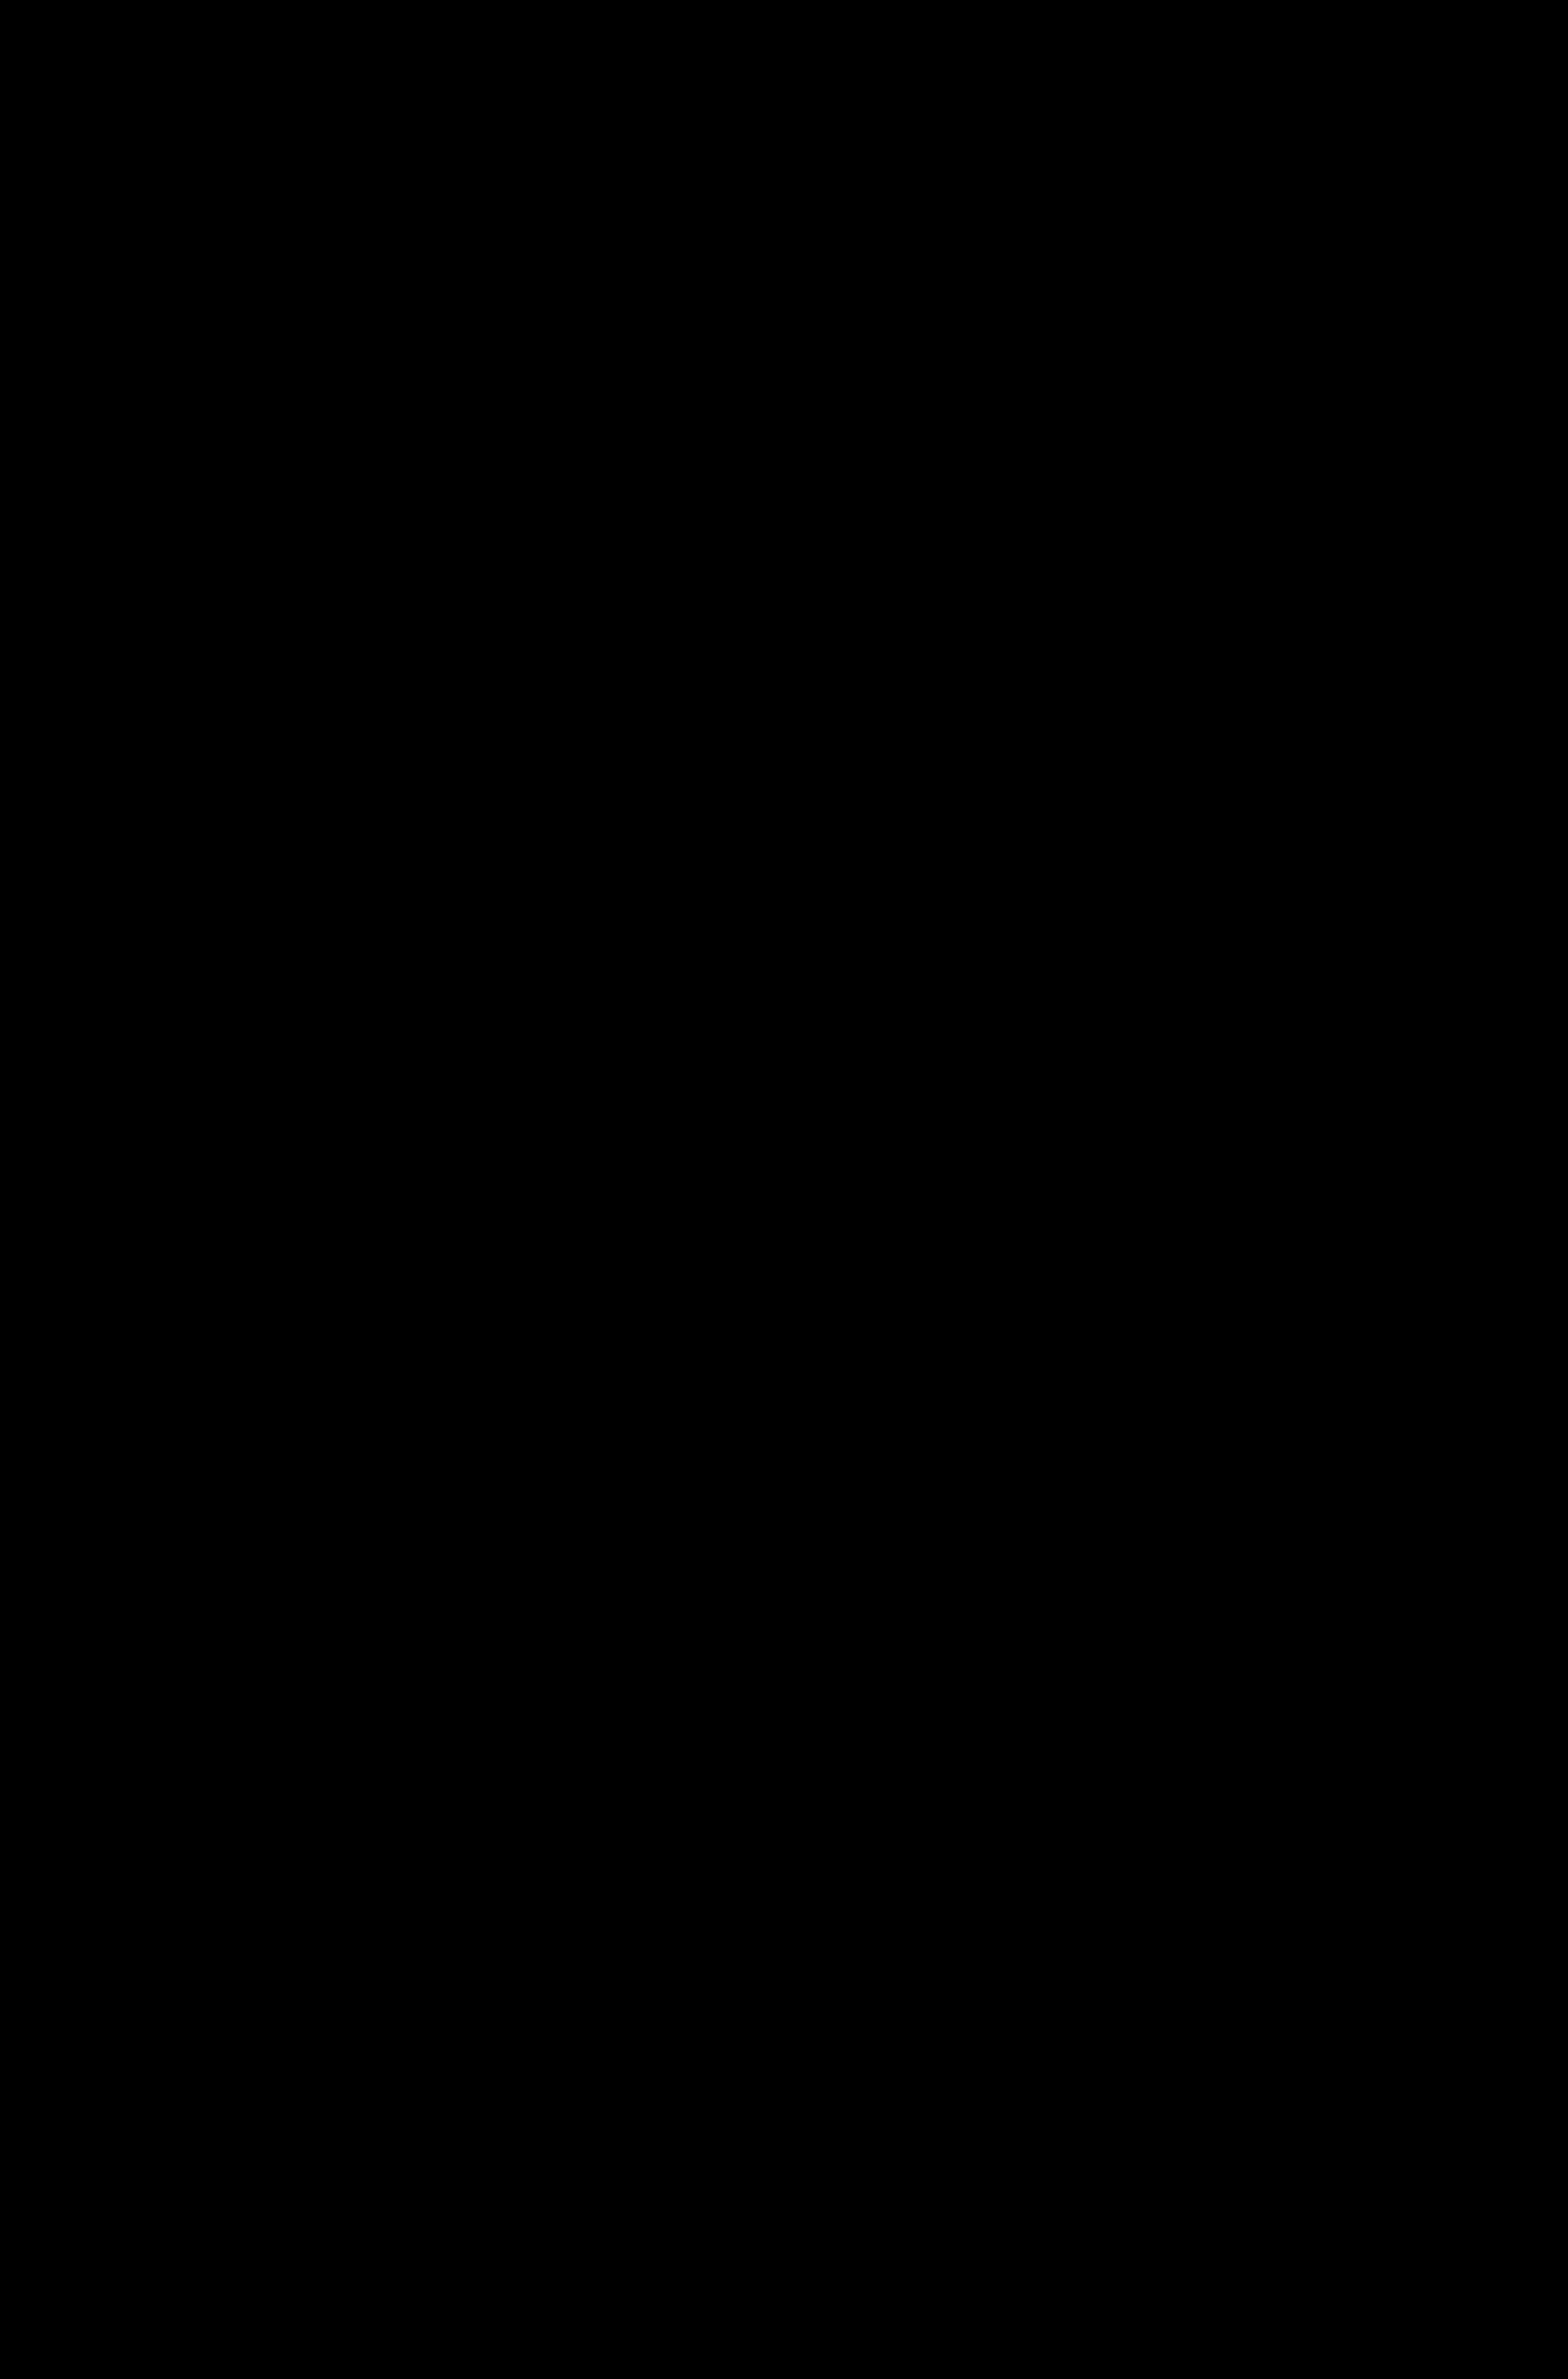 darth vader sith lightsaber star wars 5k 6591x10000 2704